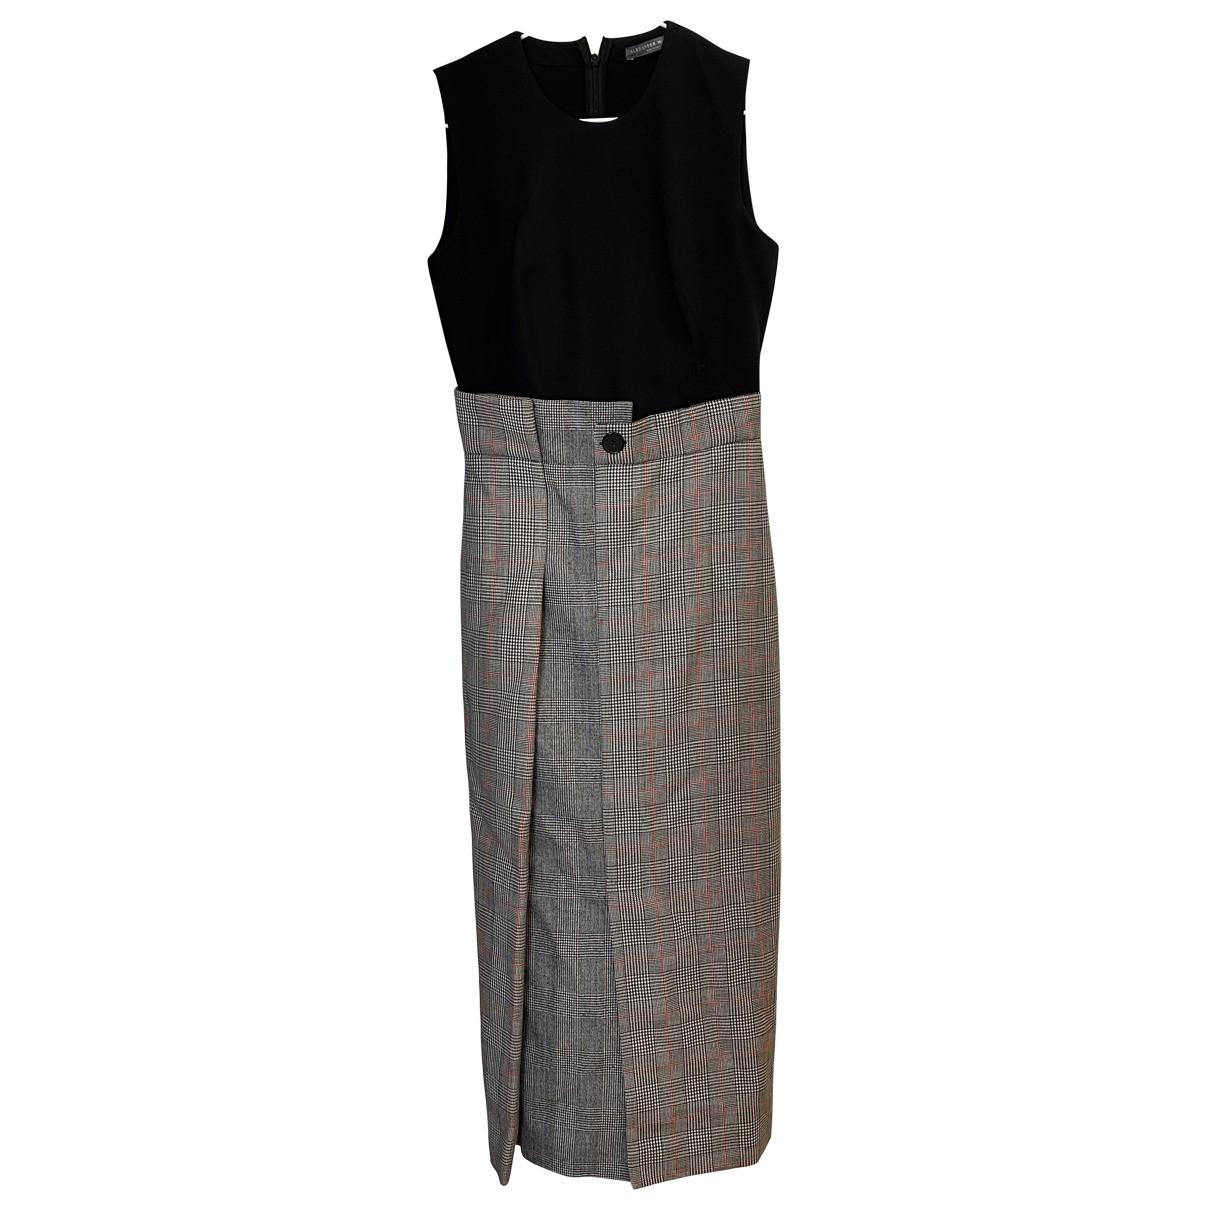 Alexander Mcqueen \N Black Wool dress for Women 38 IT